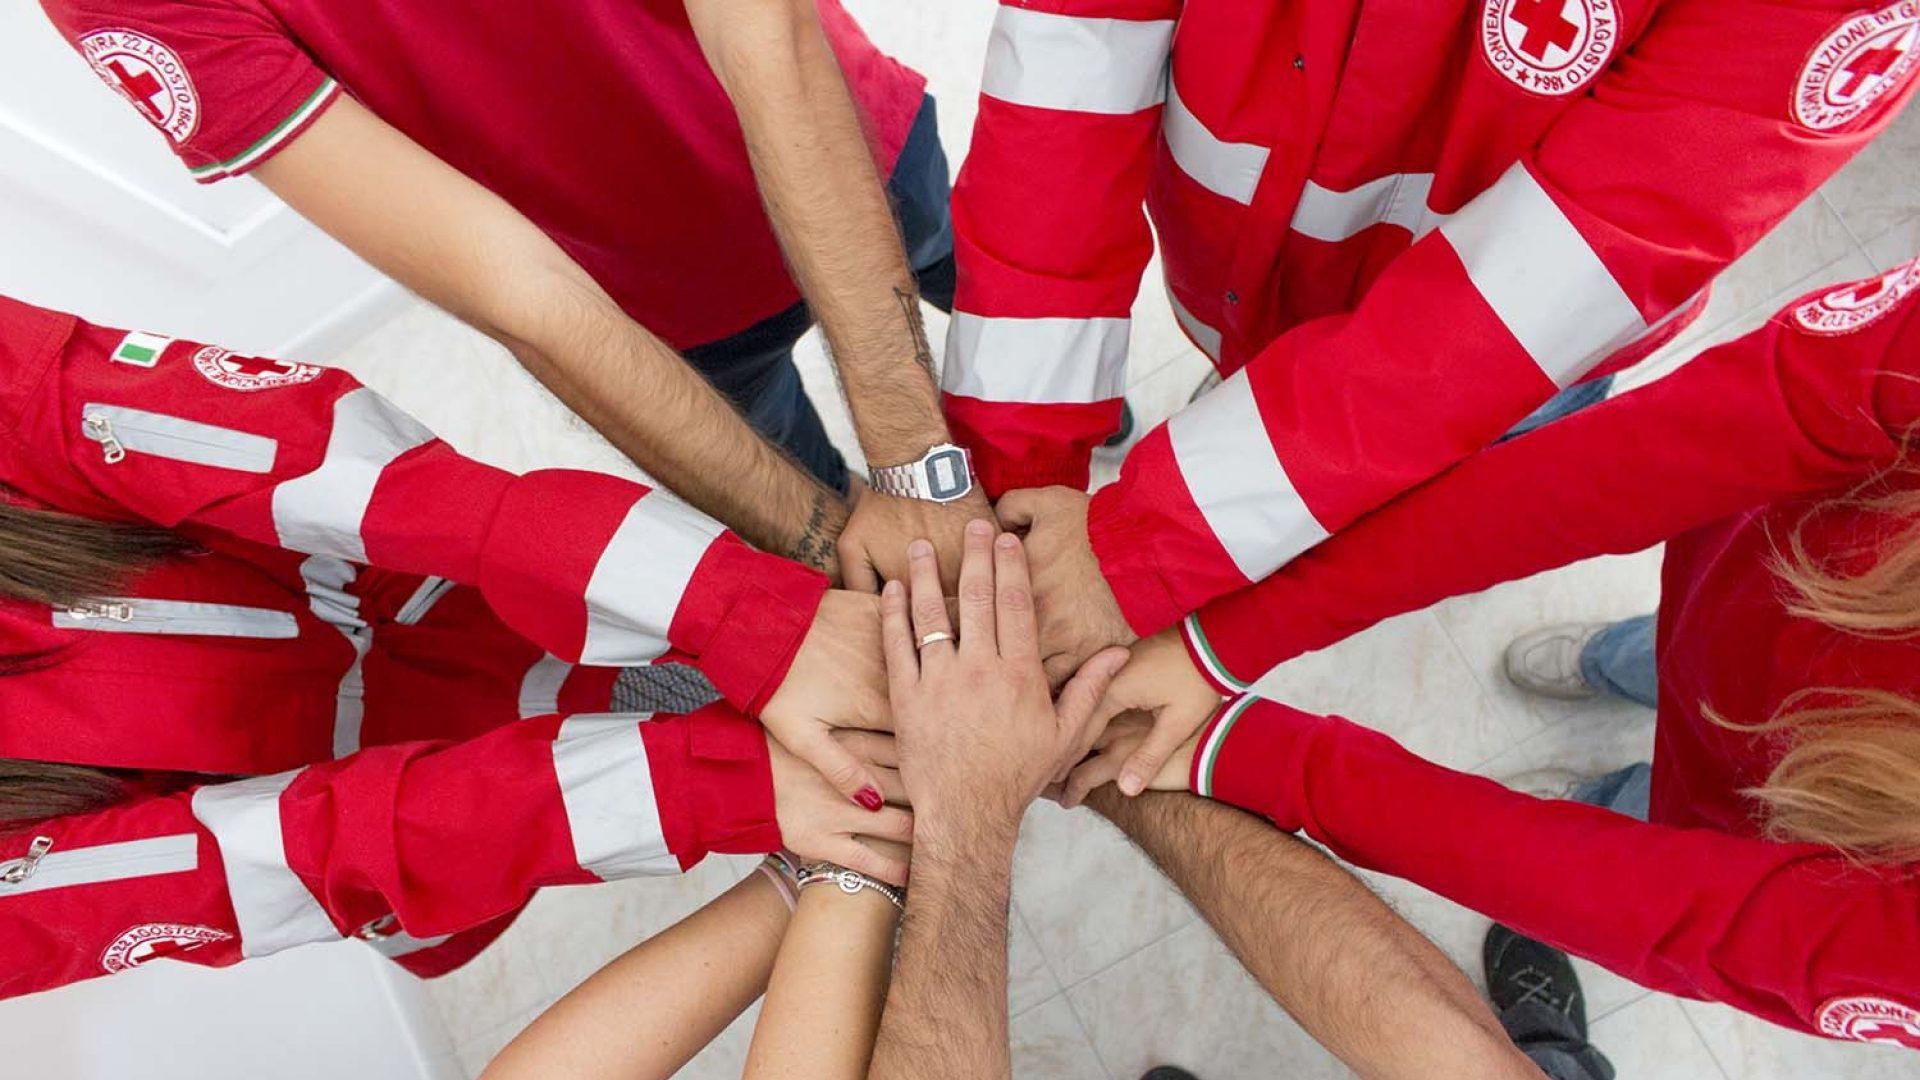 Nuovo traguardo per i videogiochi pro-Croce Rossa thumbnail